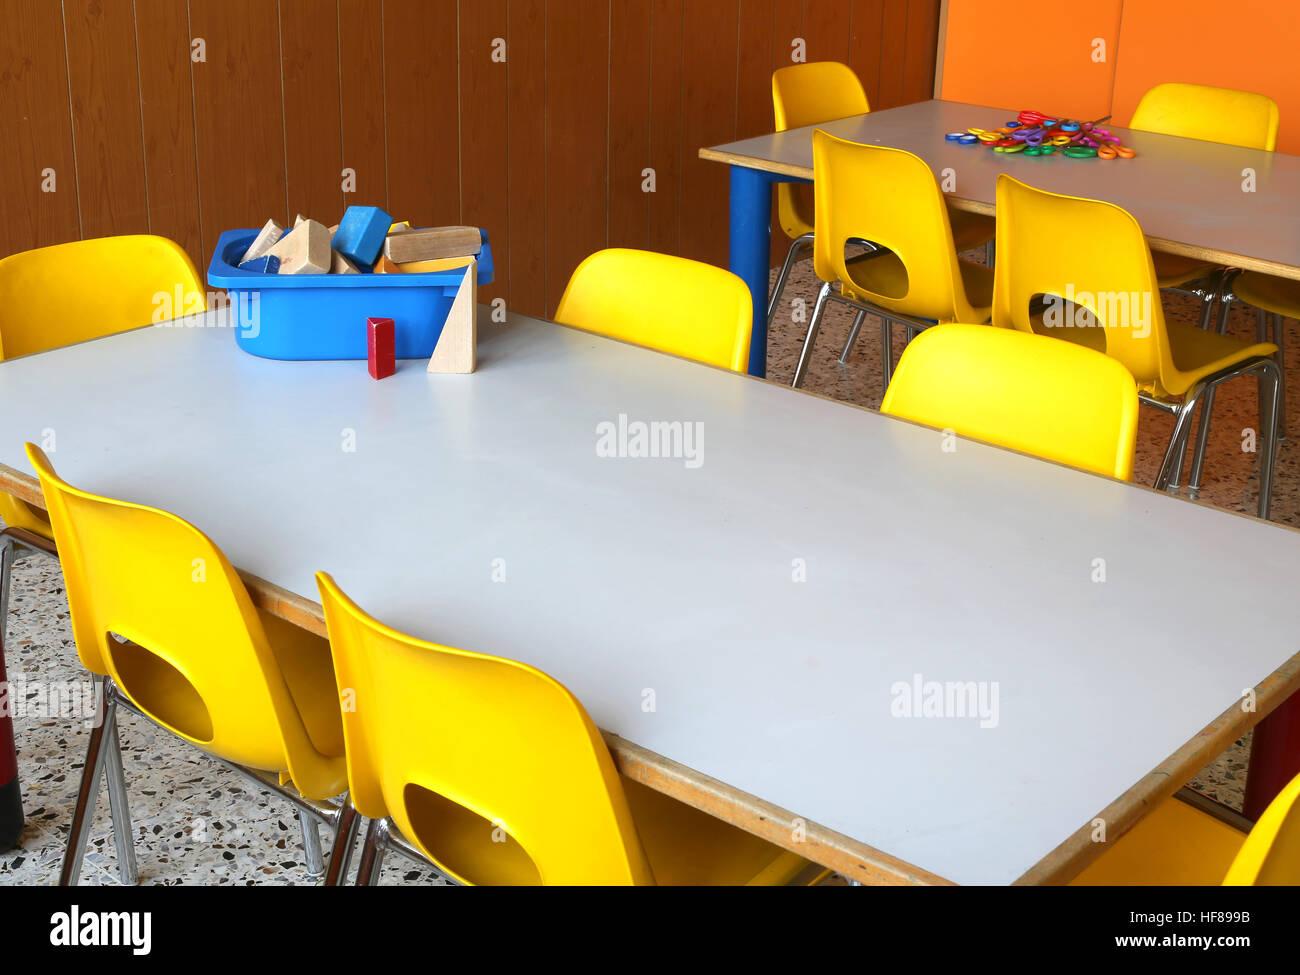 Kindergarten classroom table - Stock Photo Tables And Chairs In The Classroom Of Kindergarten Without Children